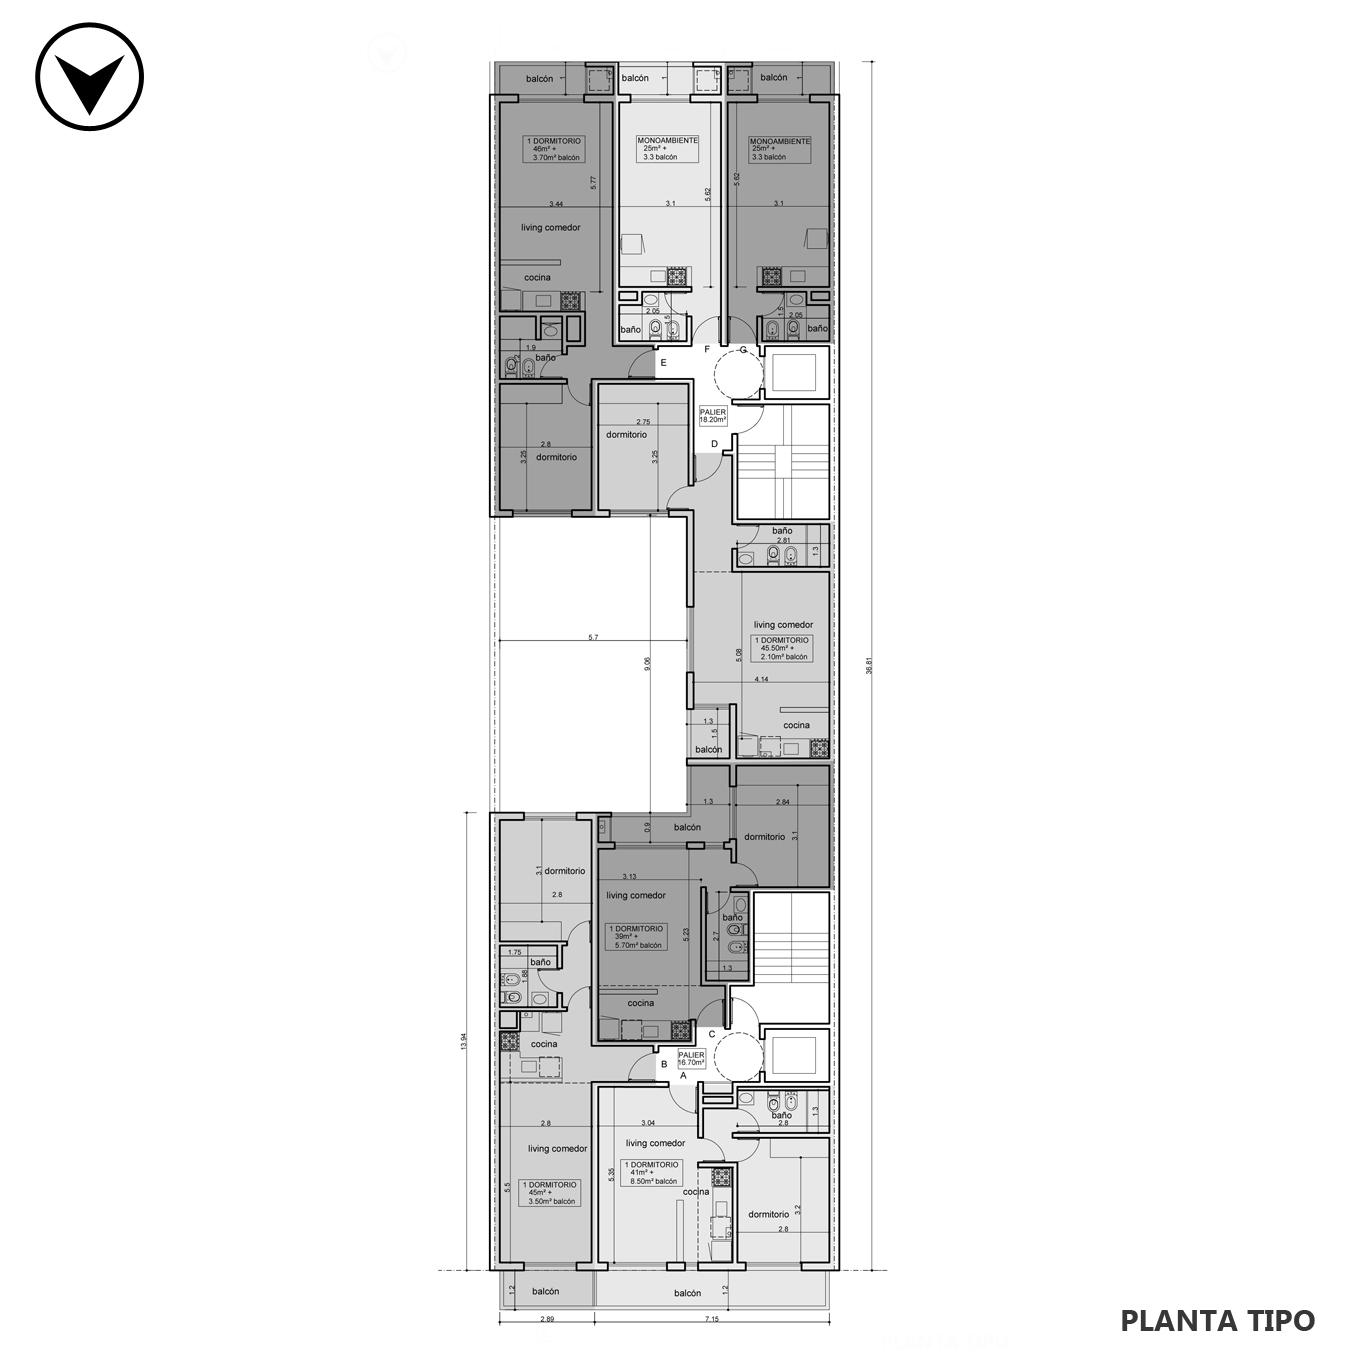 Venta departamento 1 dormitorio Rosario, Centro. Cod CBU24743 AP2302059. Crestale Propiedades